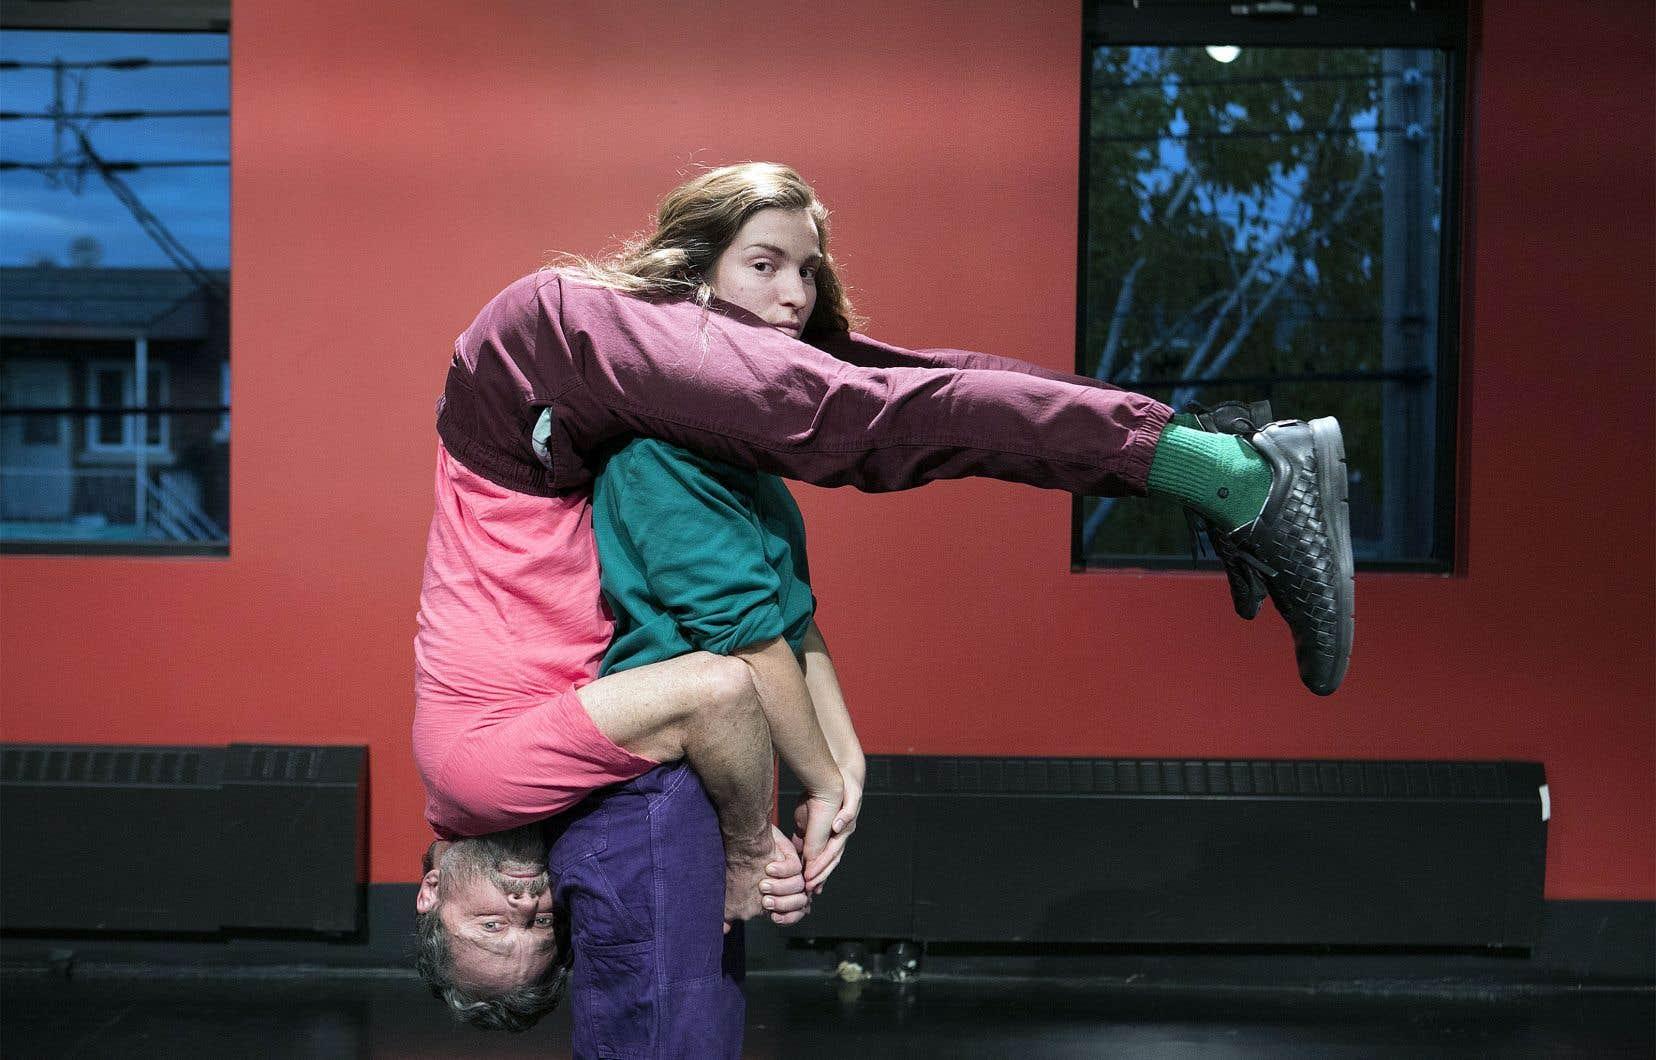 Les mouvements proposent un autre langage physique afin de montrer les effets d'un discours paradoxal sur les corps, disent Alix Dufresne et Marc Béland.